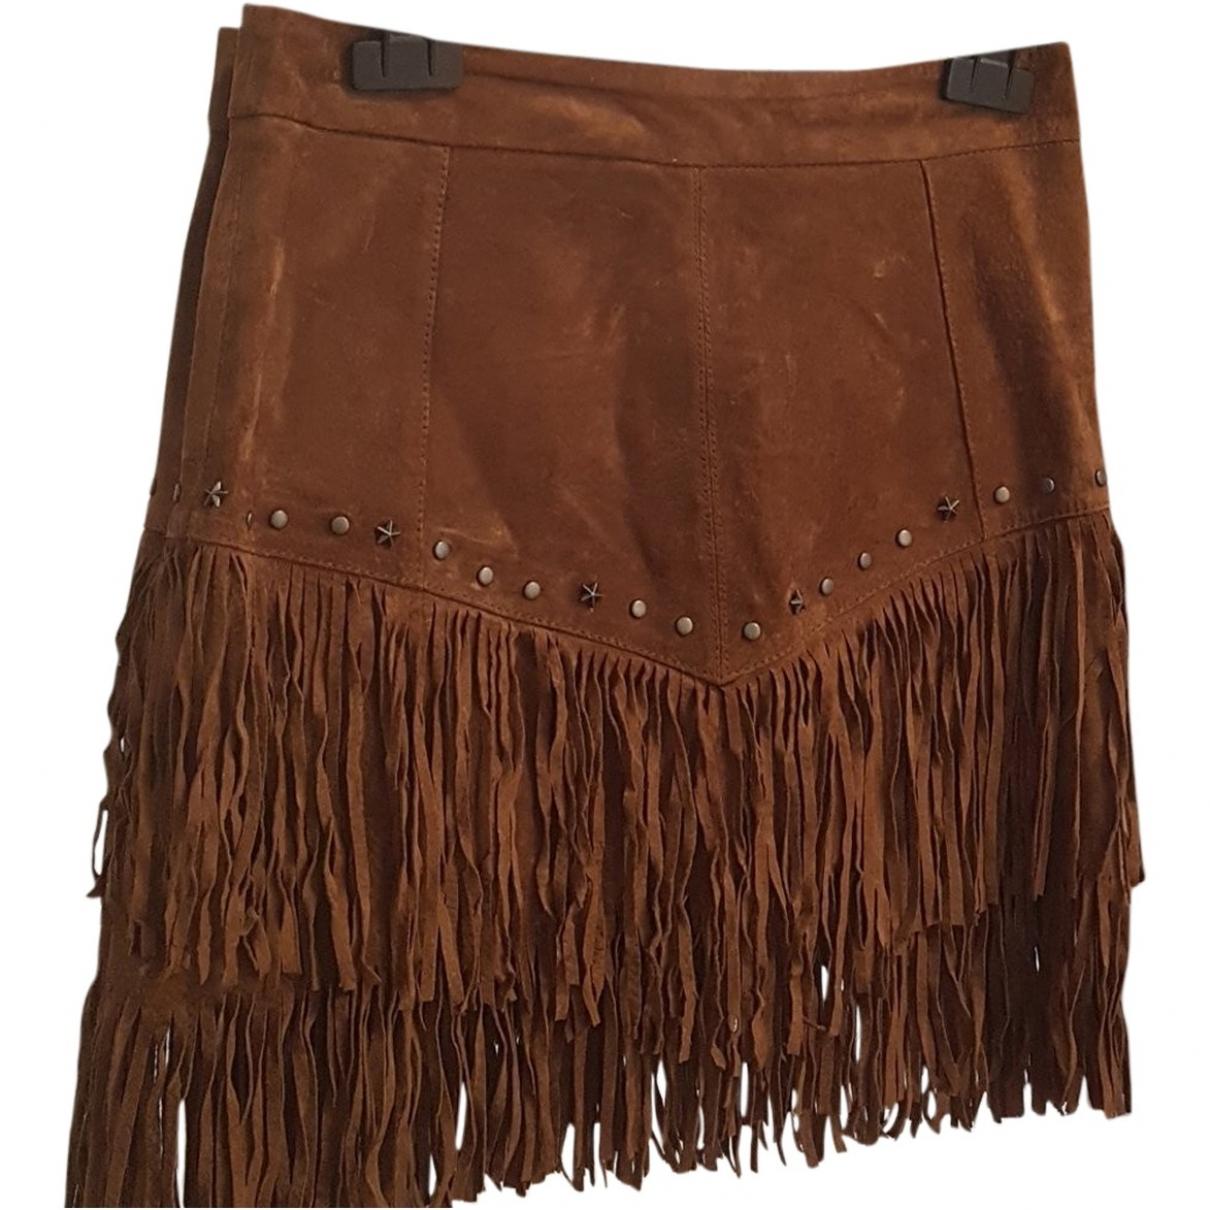 Zara - Jupe   pour femme en cuir - marron